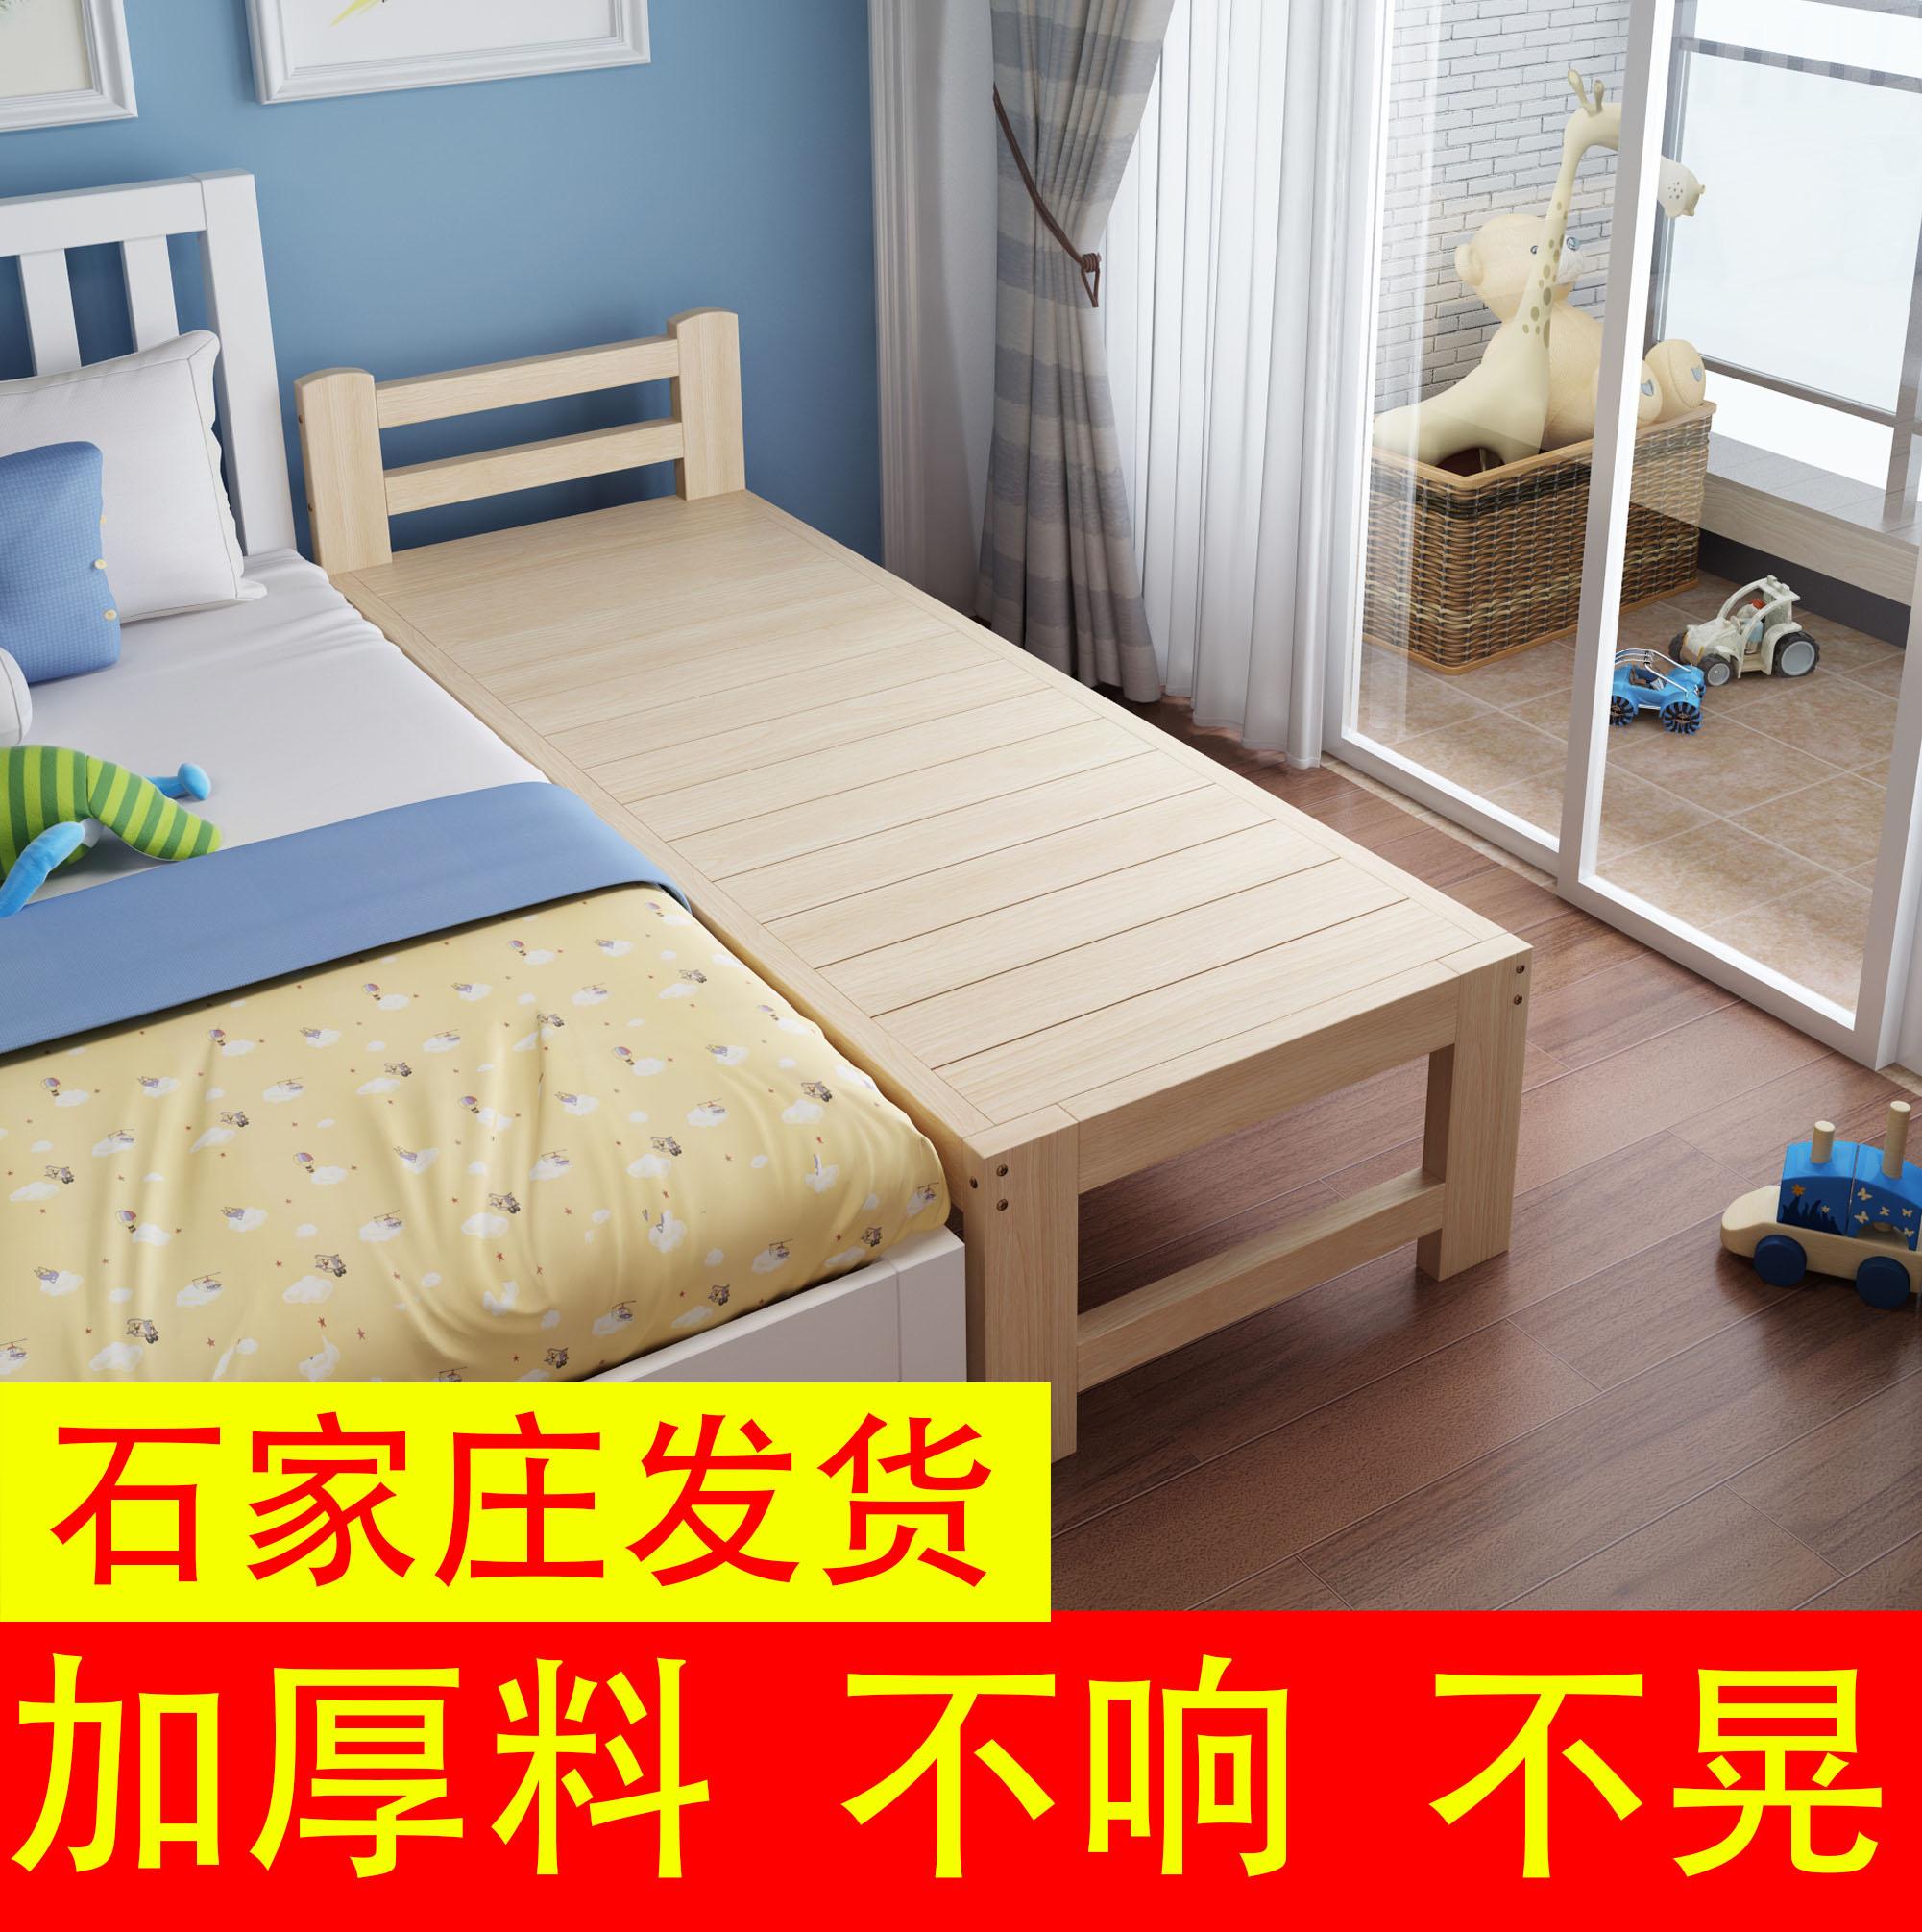 ベッドの拡張子のベッドの子供用ベッドのガードレール付きのシングルベッドをカスタマイズしました。